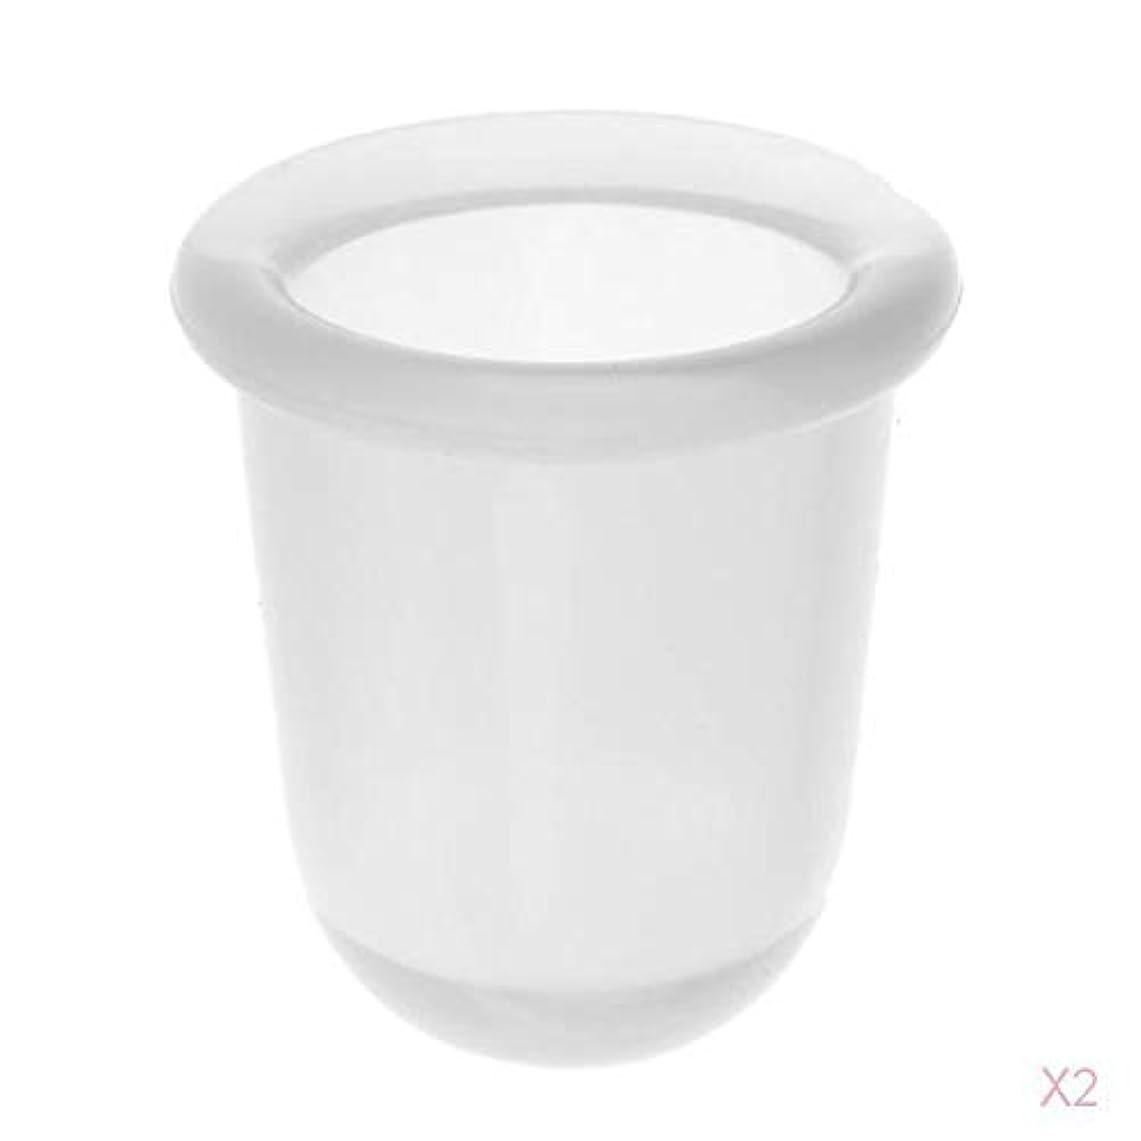 進む息を切らして絡まるマッサージカップ 真空カップ シリコーン製 ボディマッサージ 全2色 - クリア